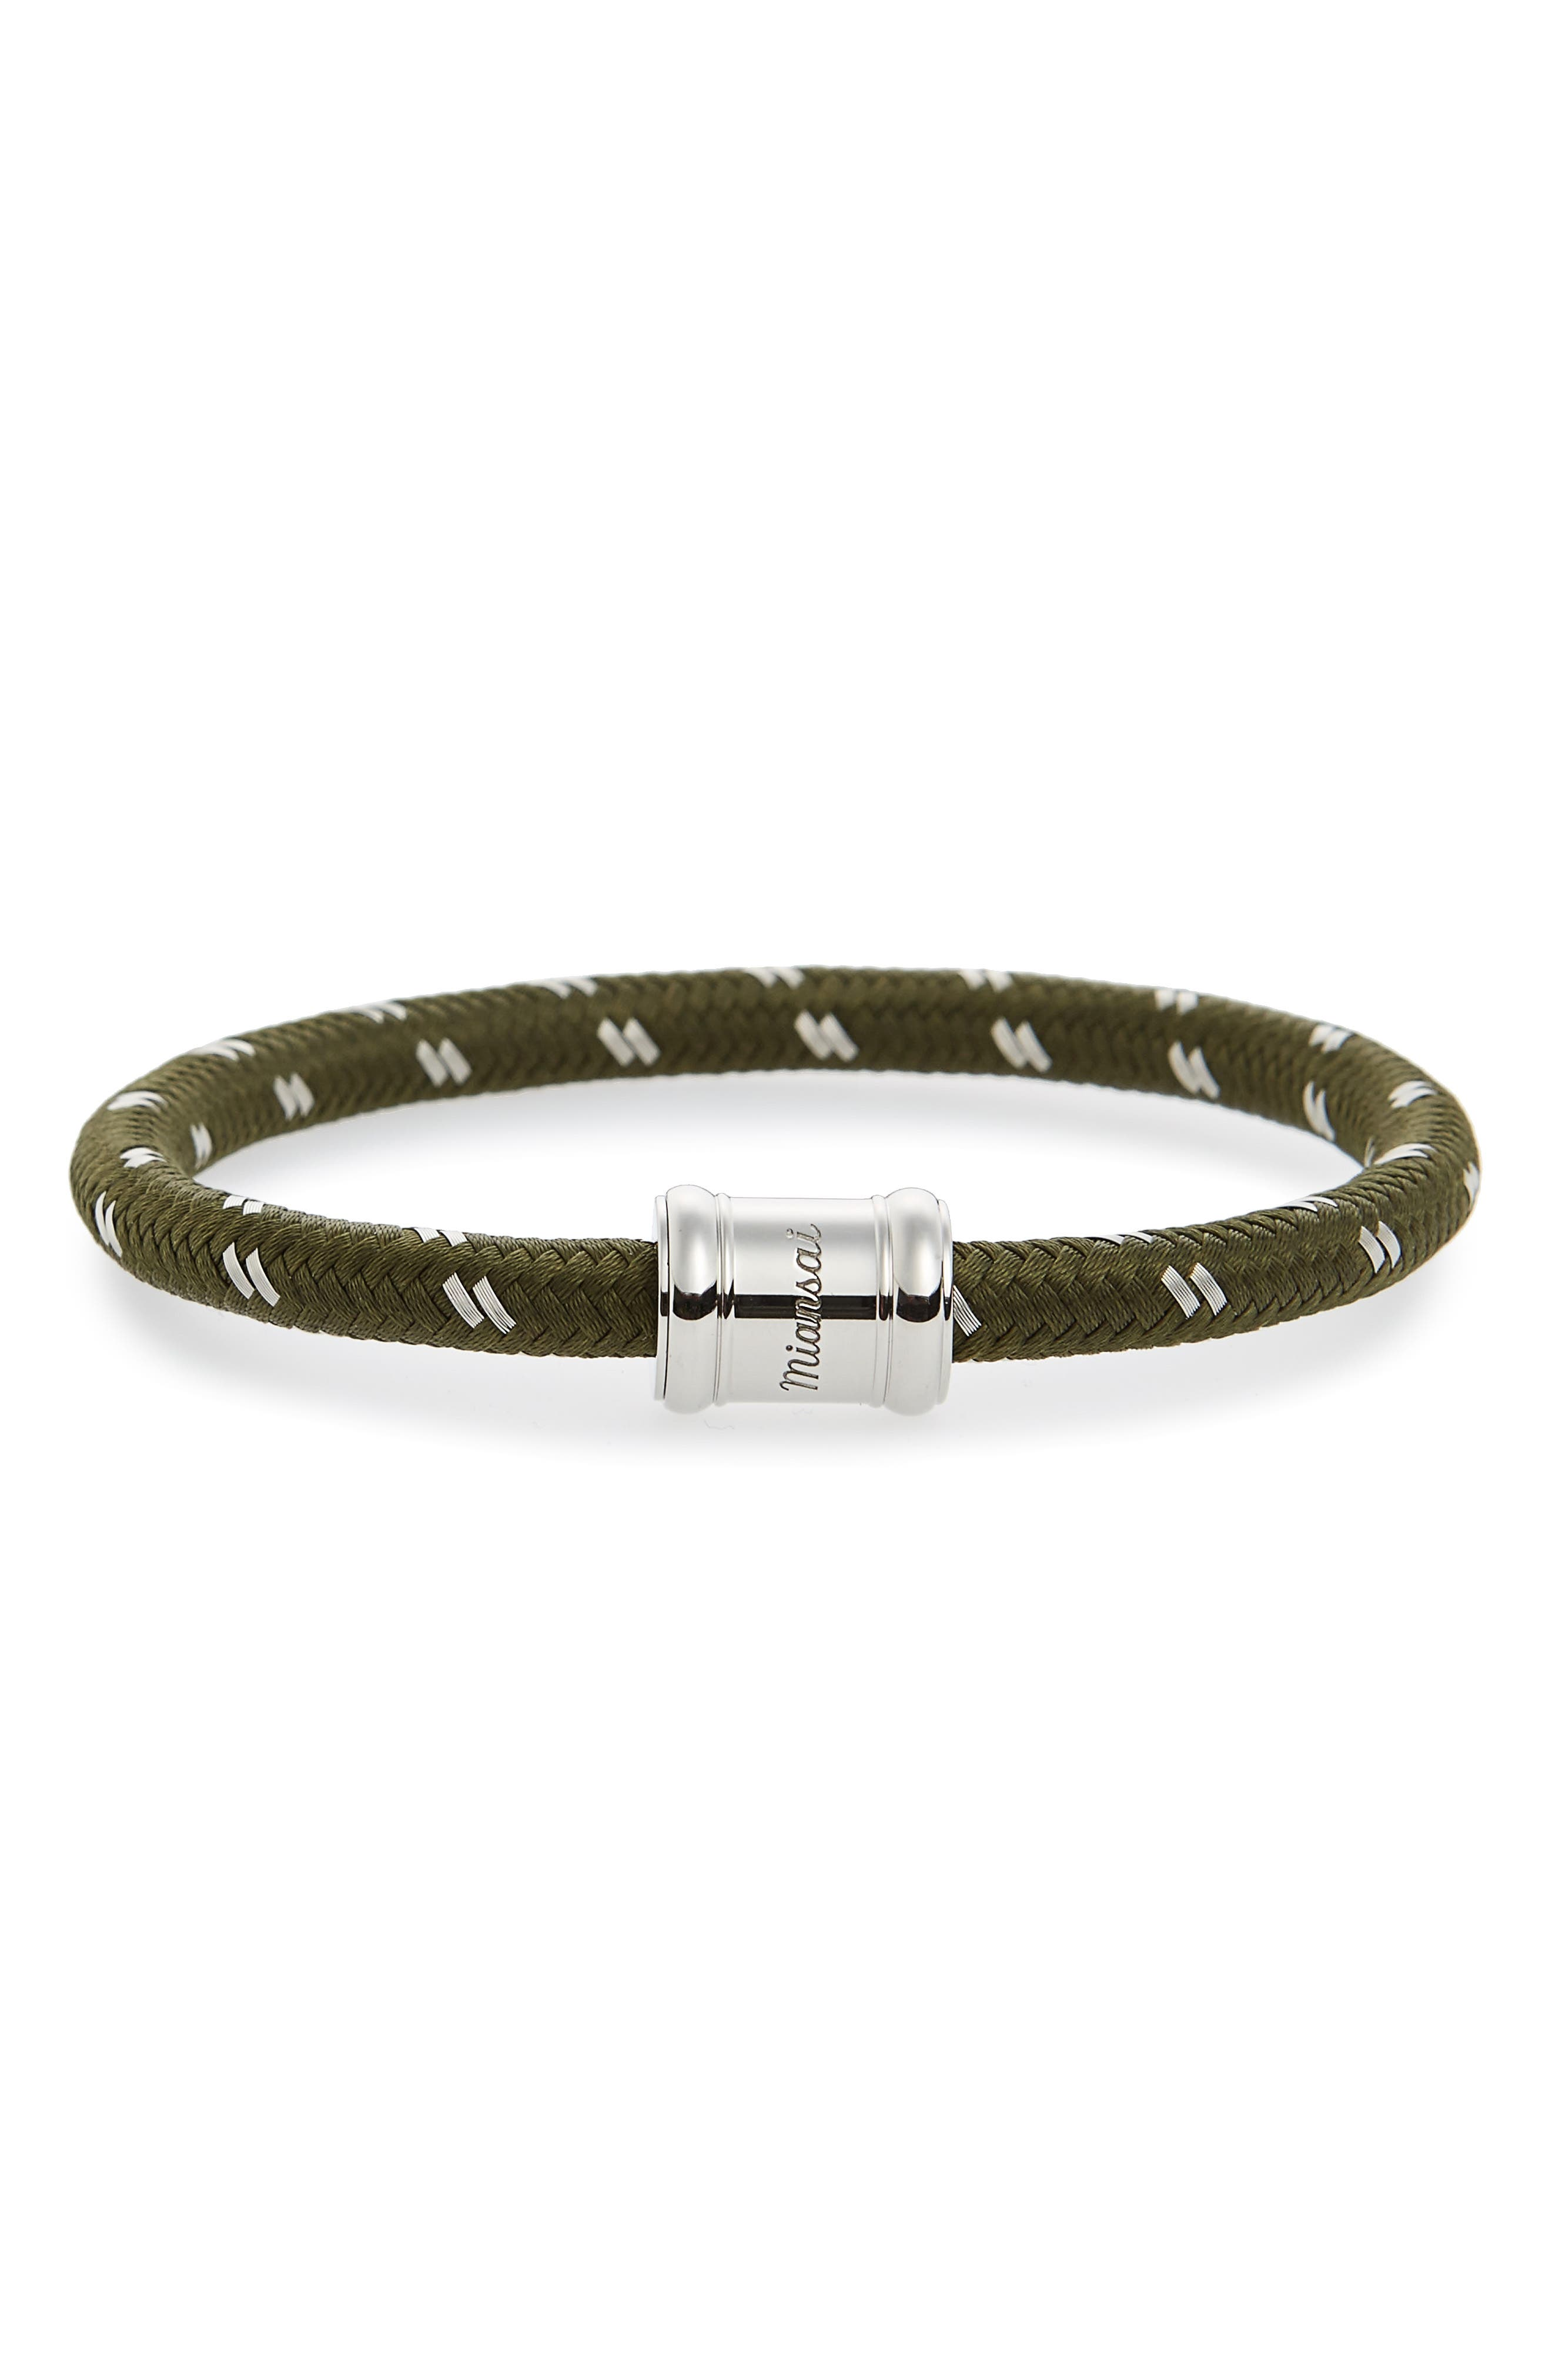 Barrel Casing Nylon Woven Bracelet,                             Main thumbnail 1, color,                             305